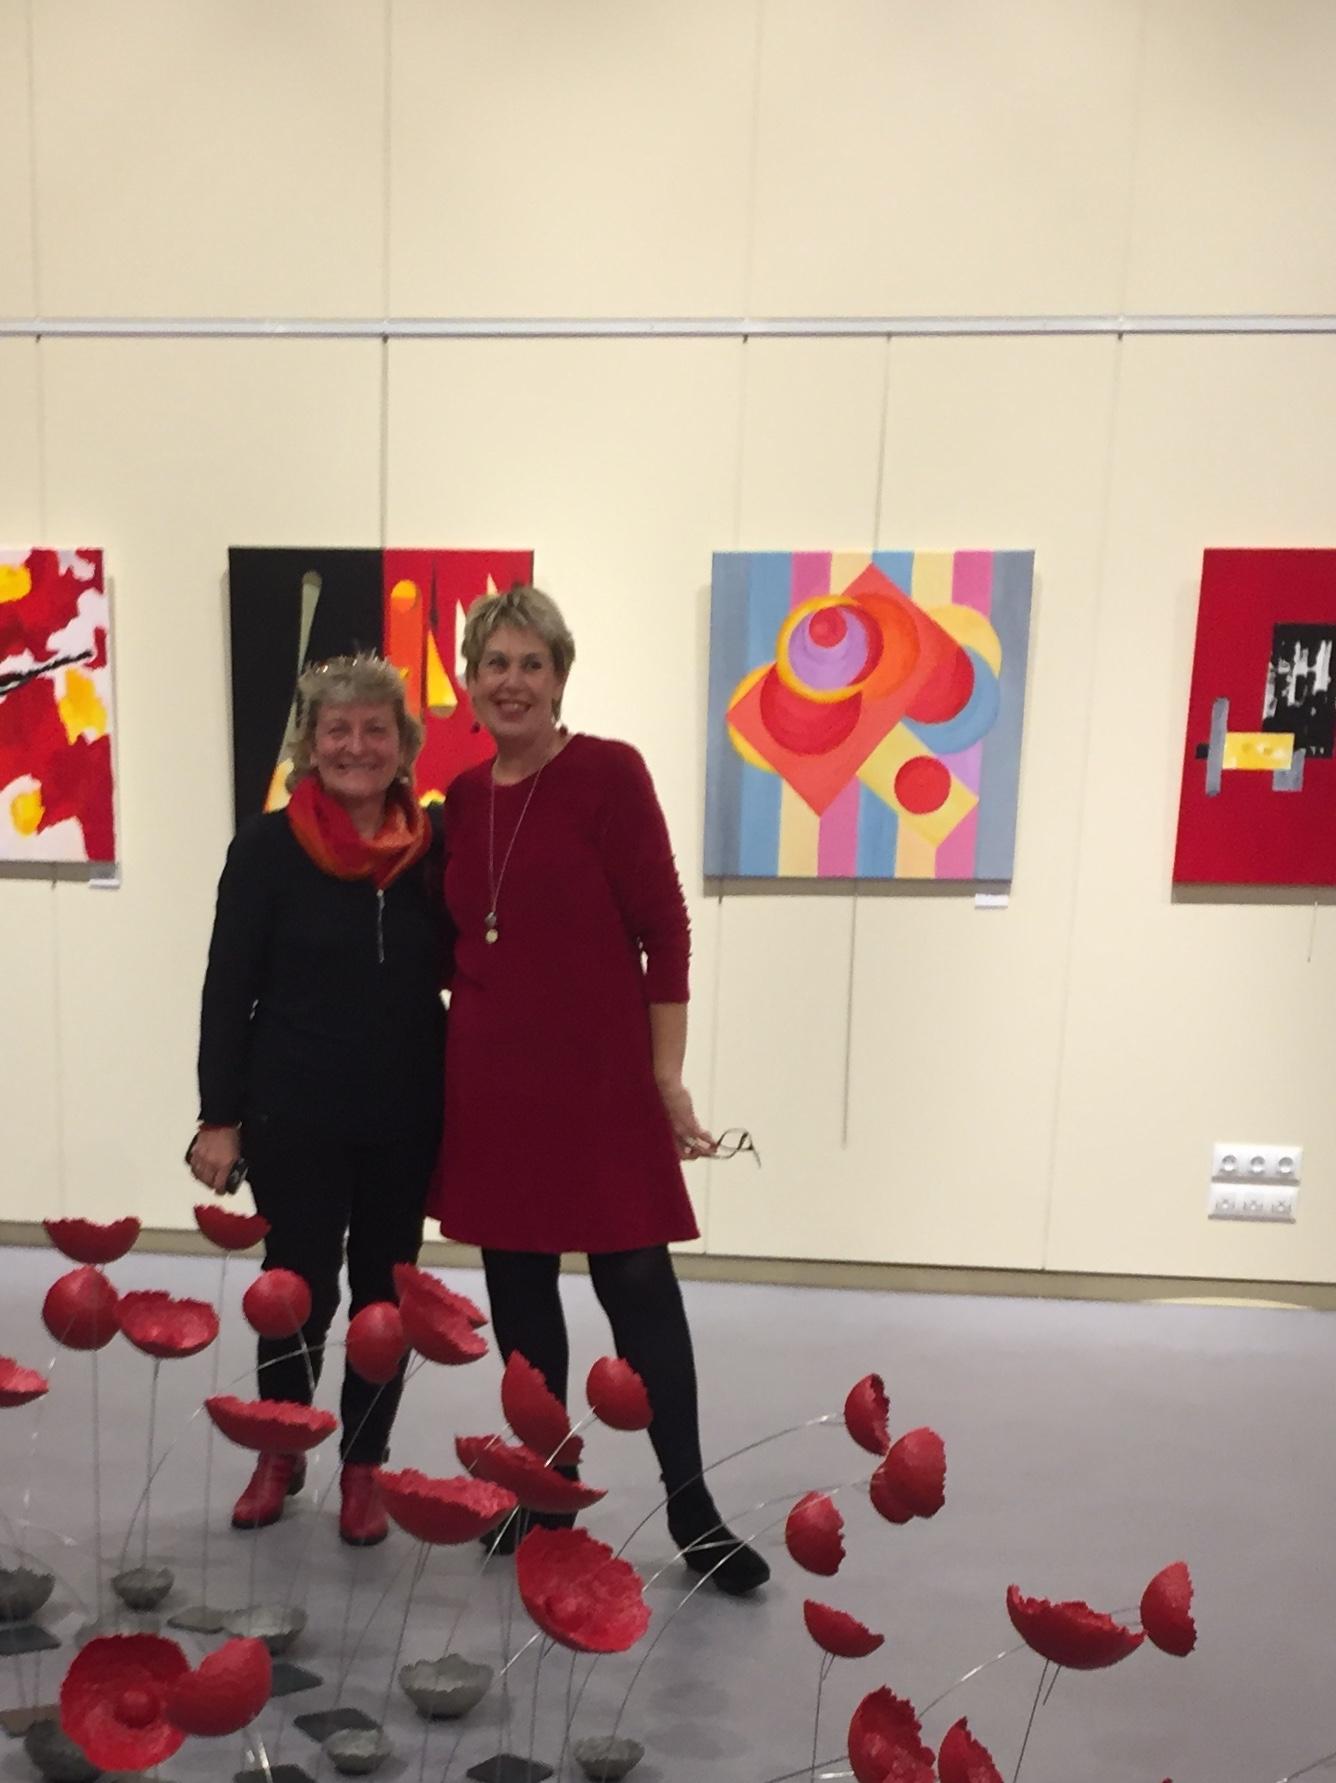 Deux artistes : une passion le rouge !